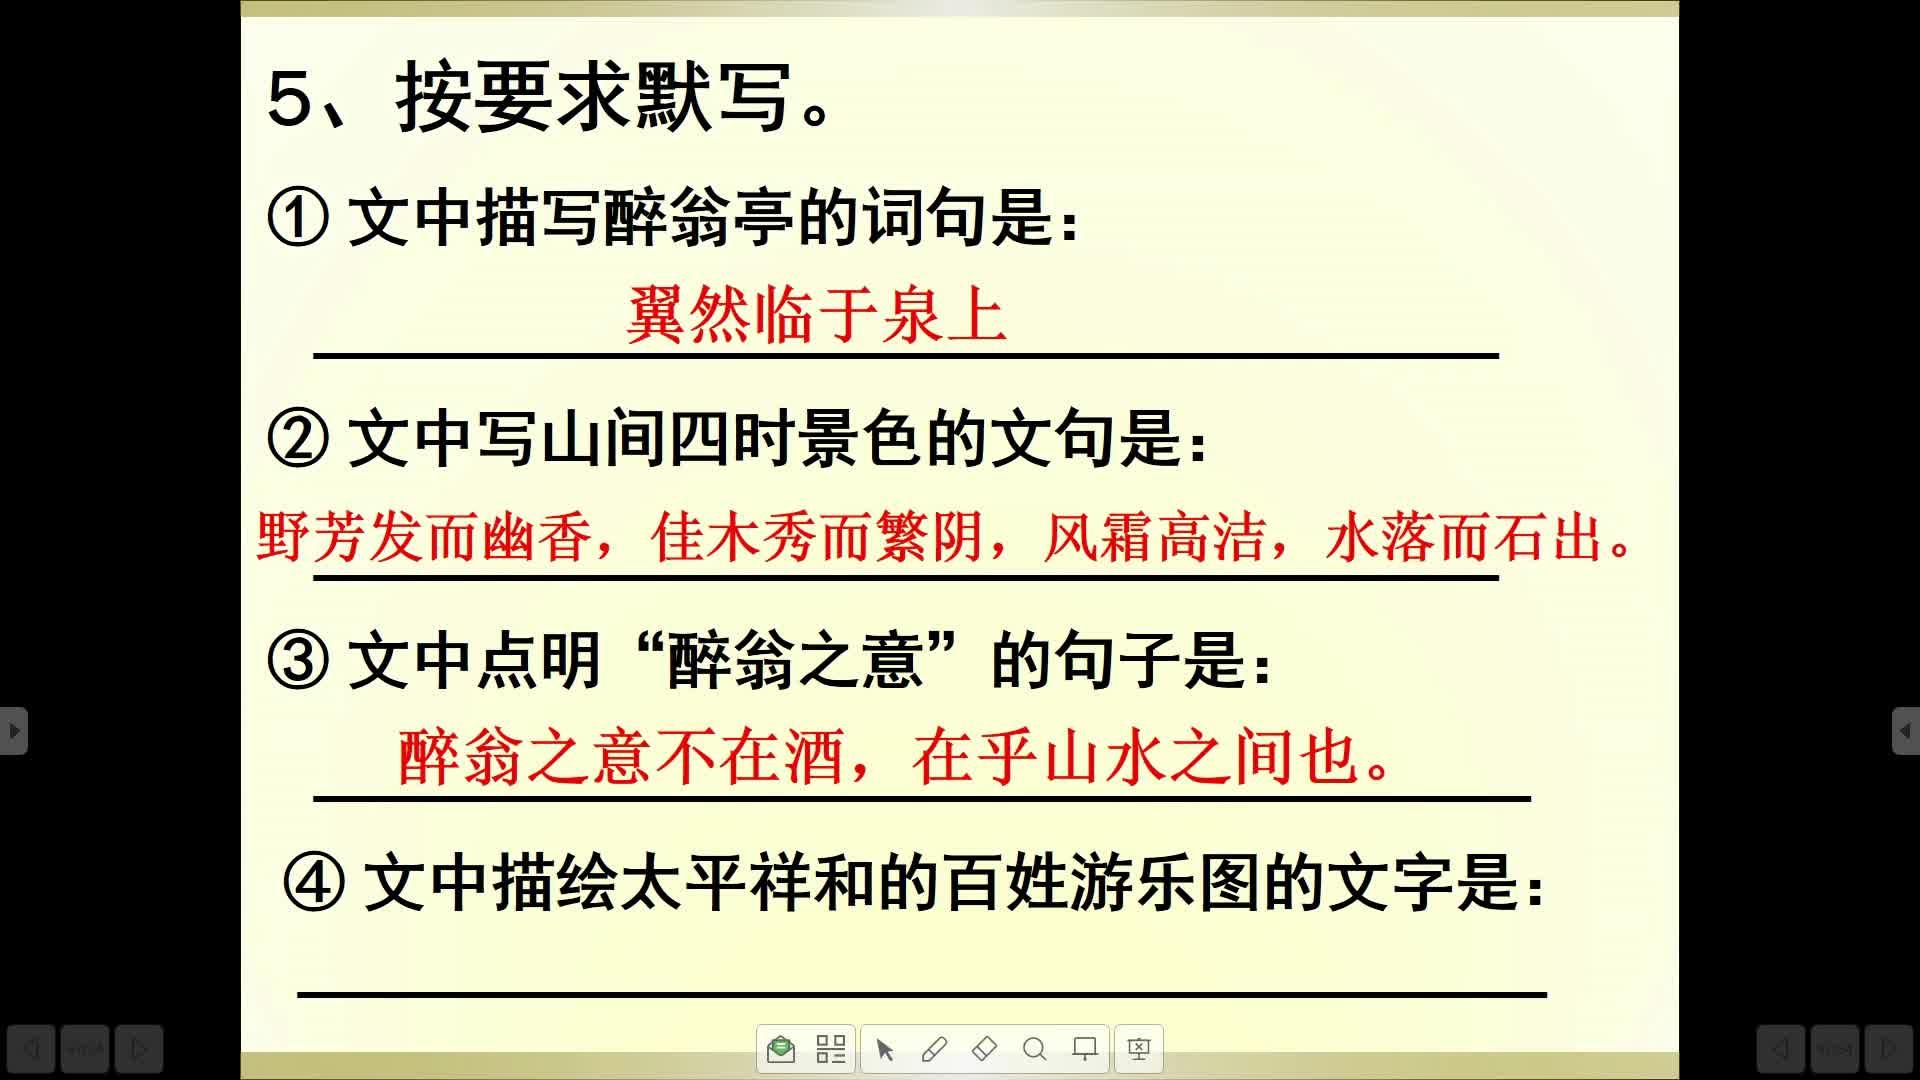 廊坊十中-部編版九年級語文上冊第三單元第十一課-醉翁亭記-張書芬(七)